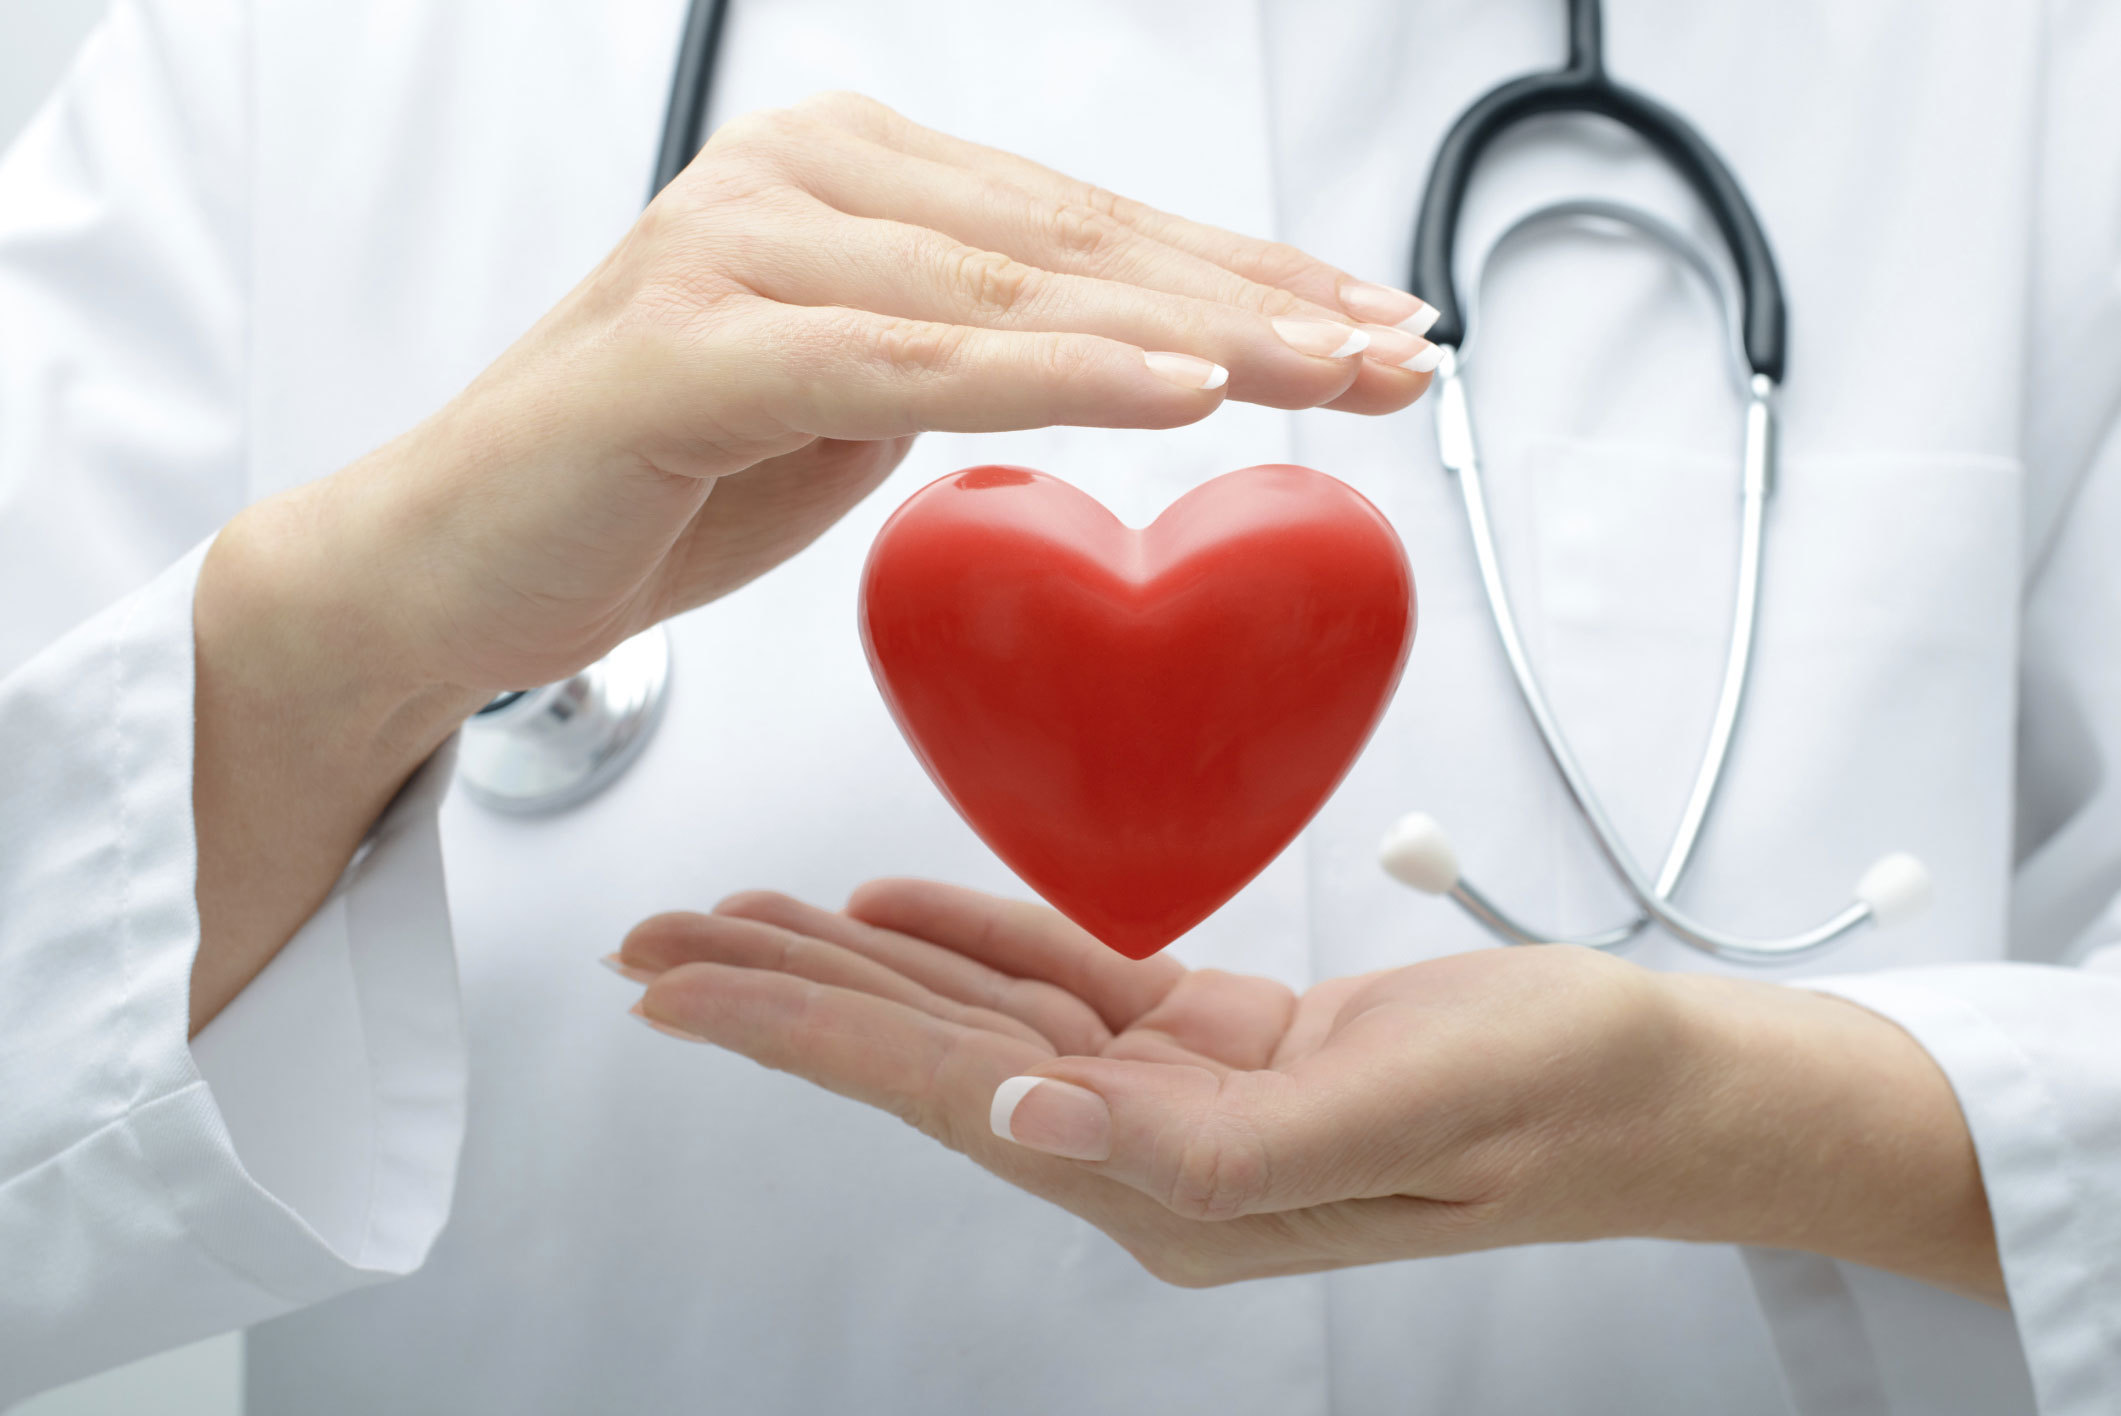 Des conseils pour la bonne santé ? En voila